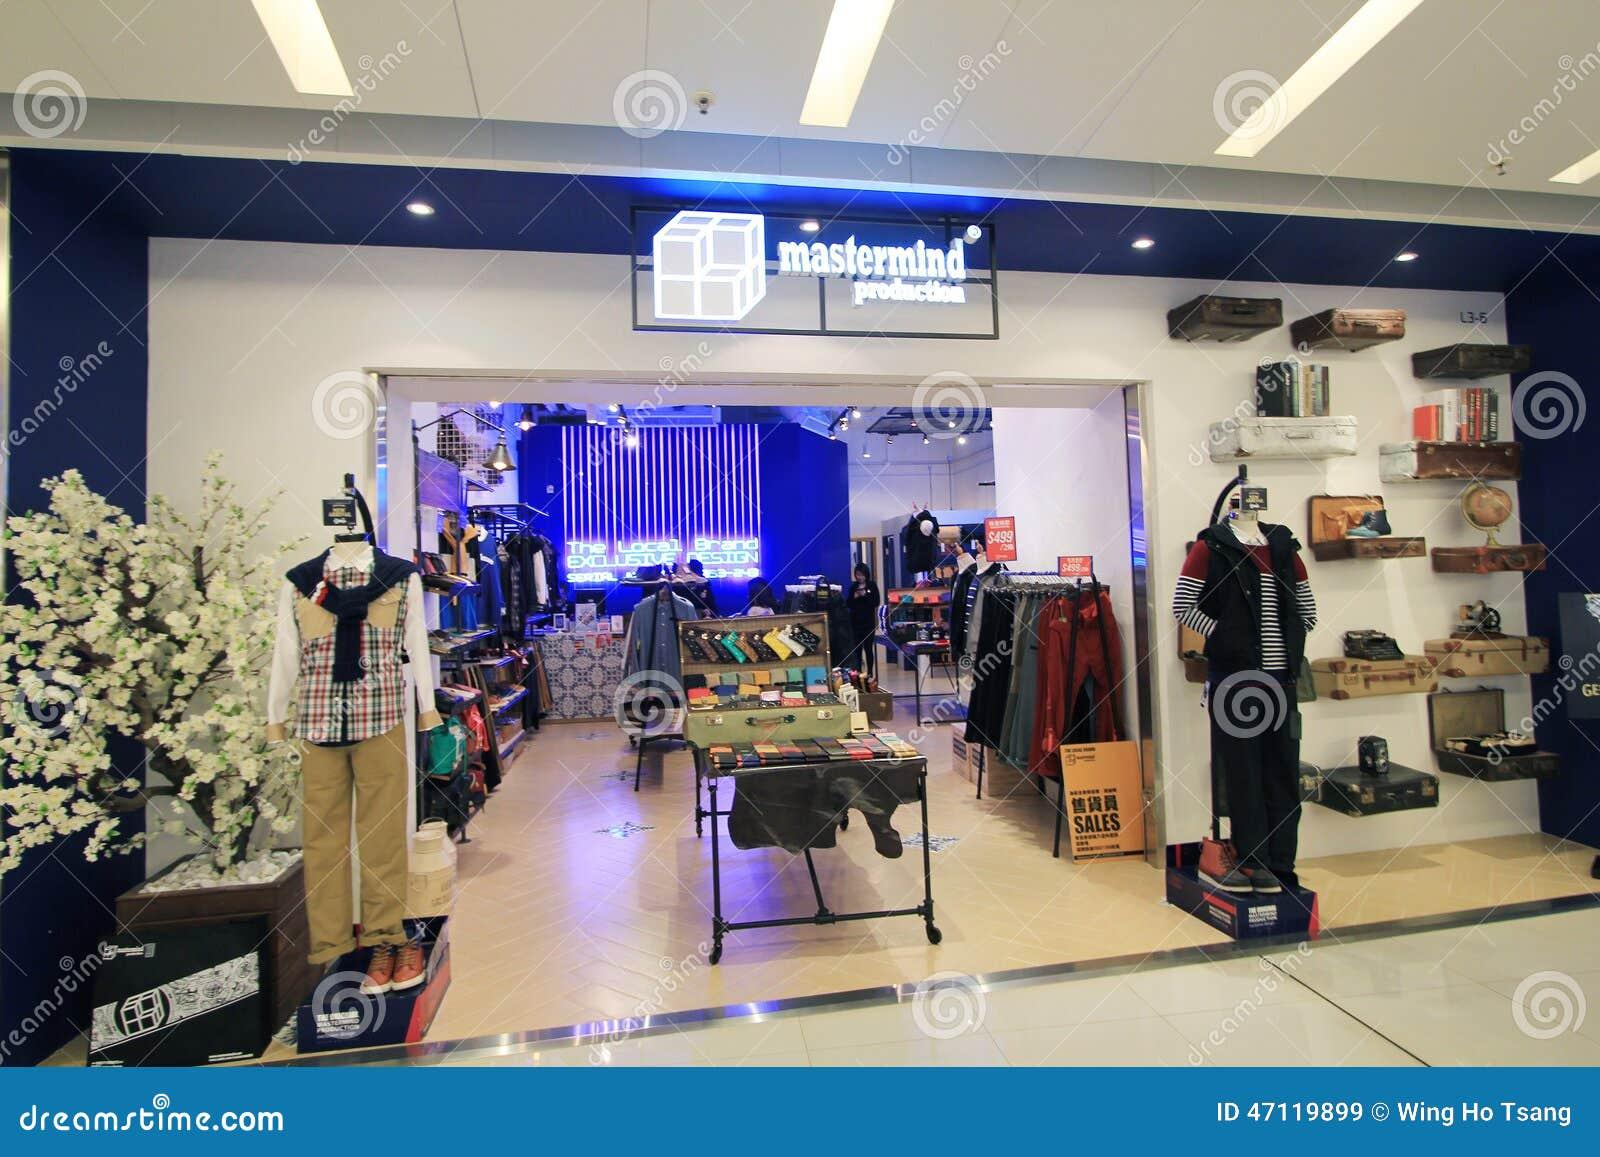 Maple clothing store hong kong